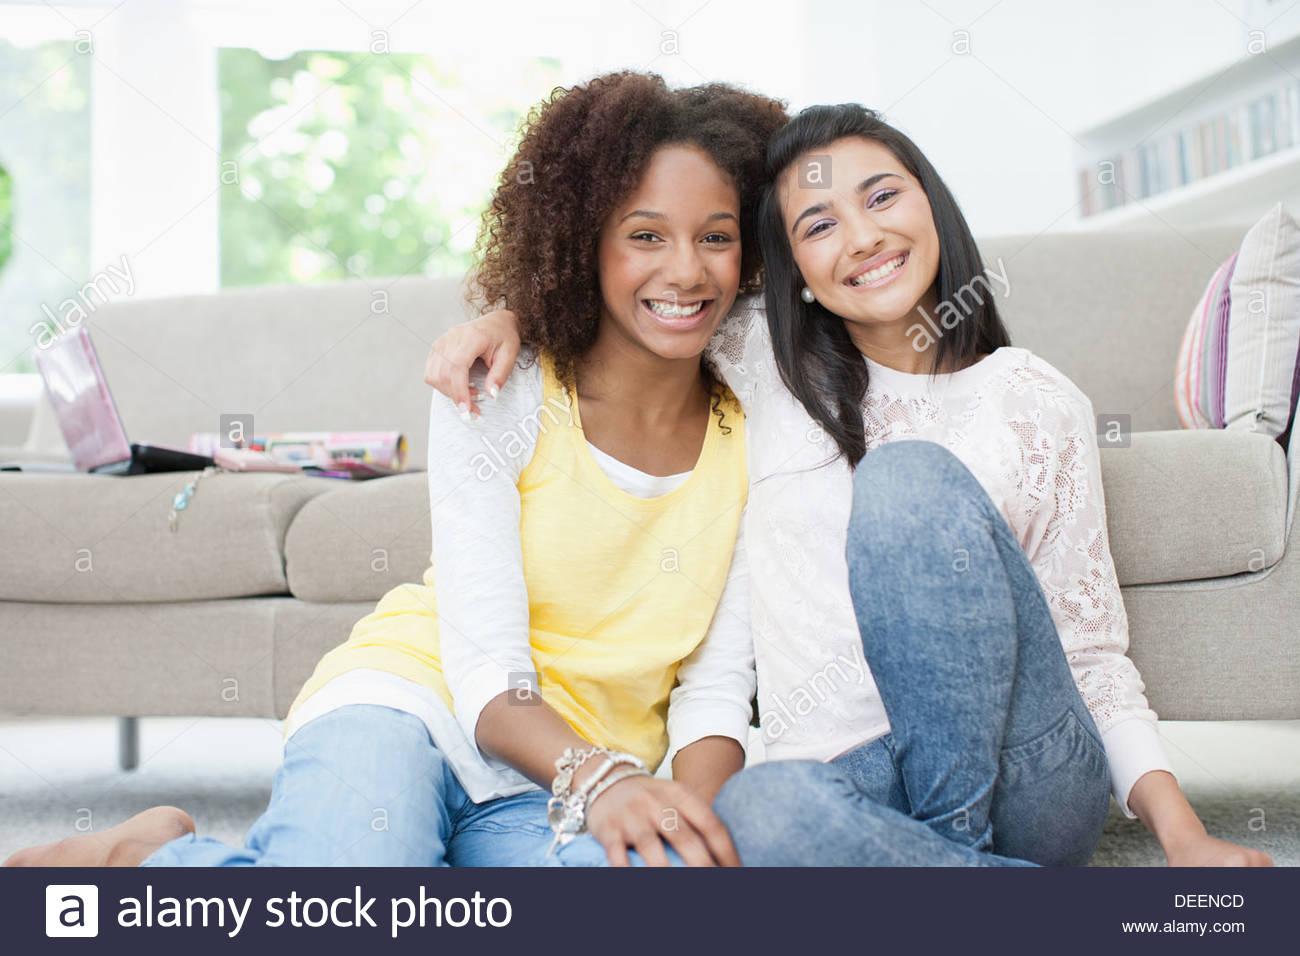 Smiling teenage girls hugging Photo Stock